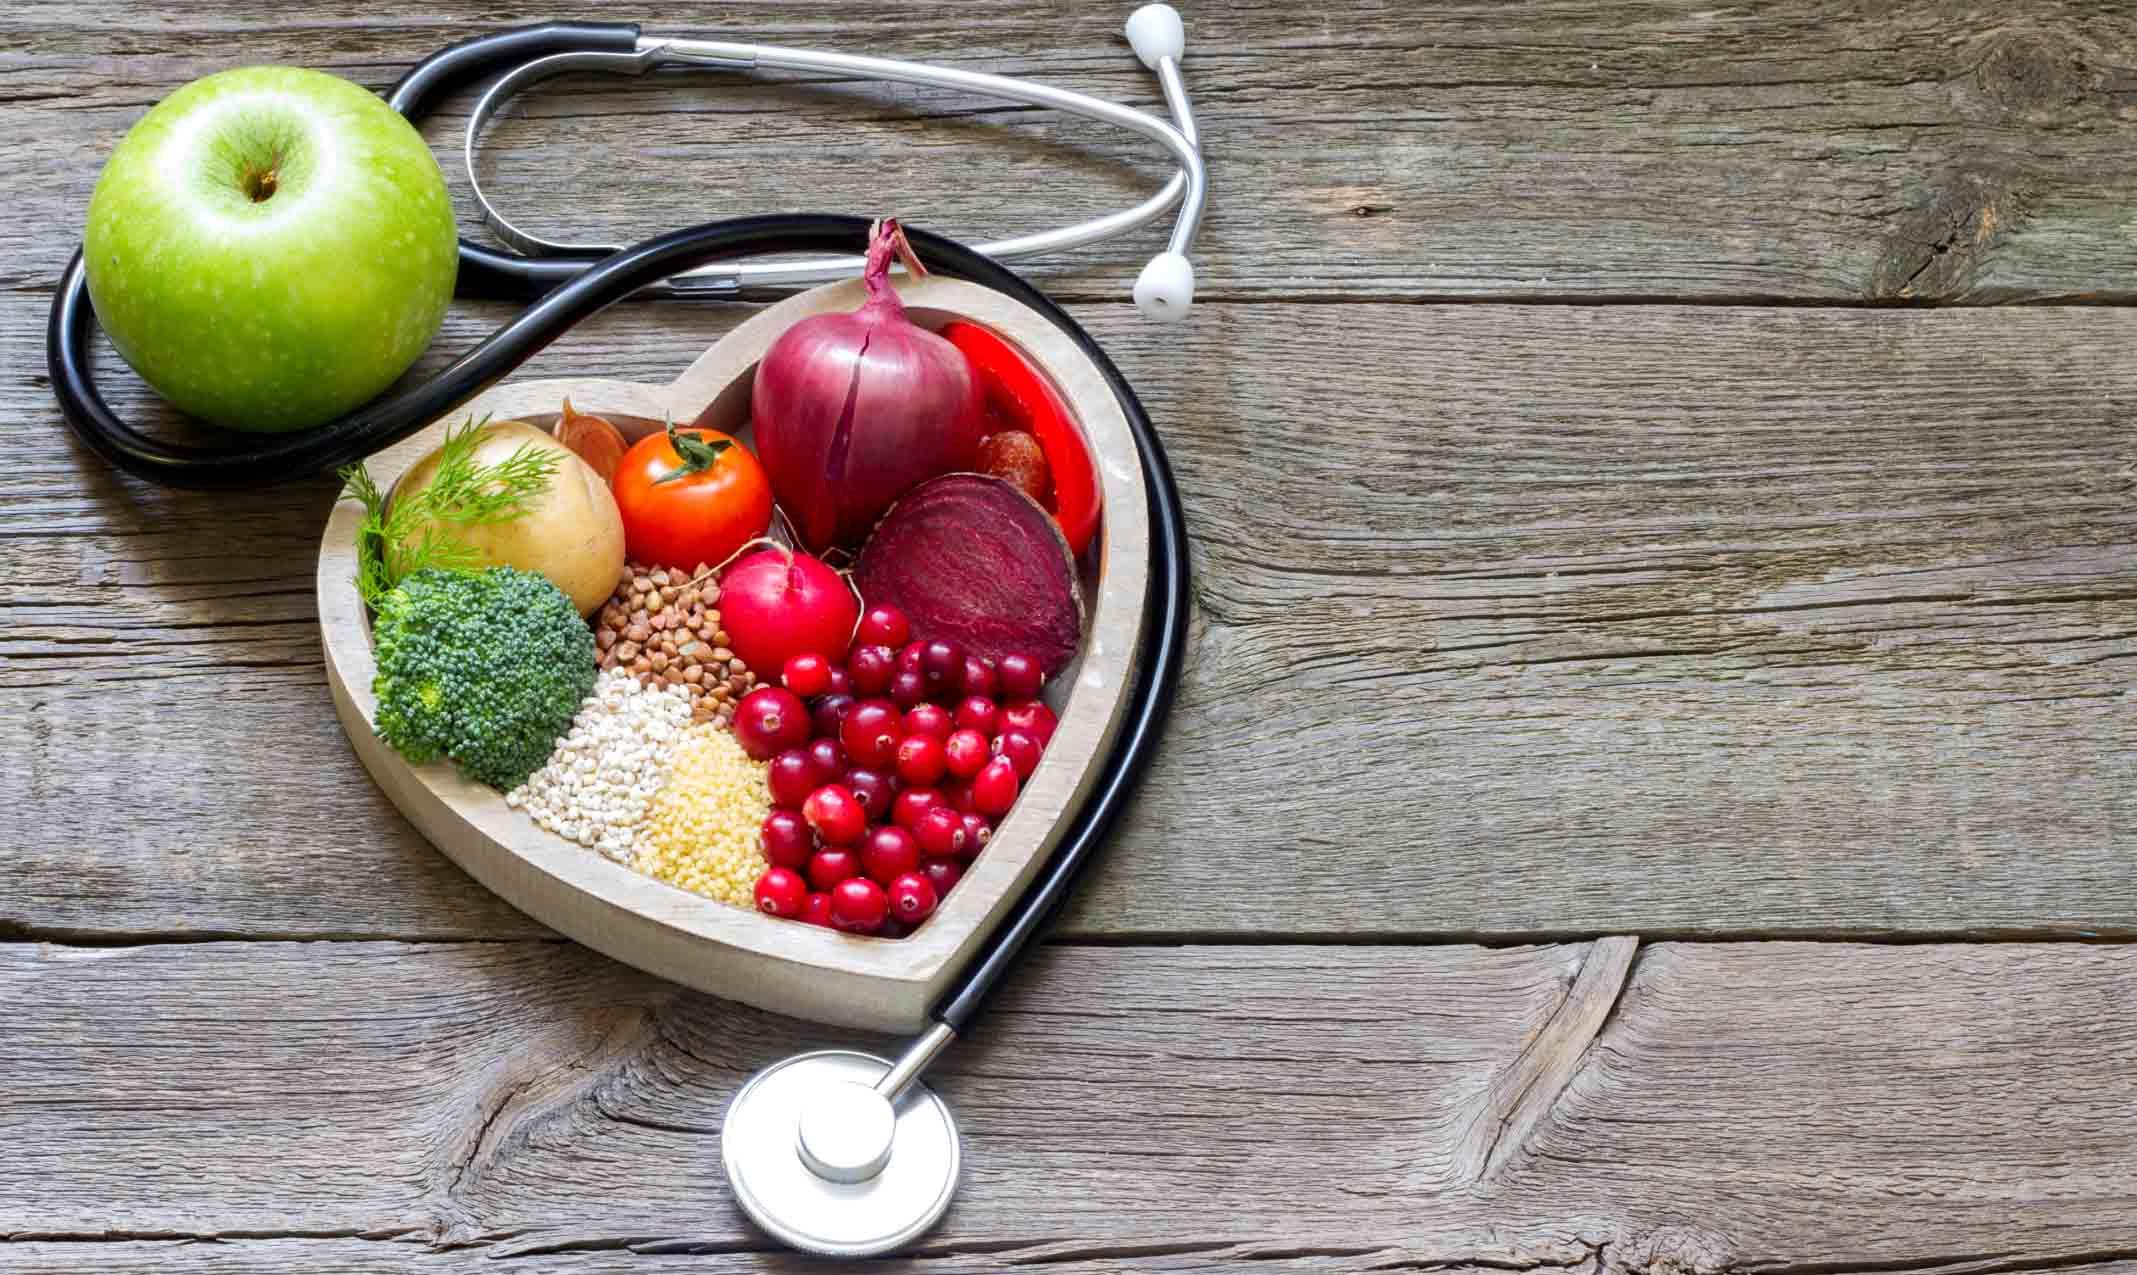 Este órgano requiere toda la atención para funcionar de manera correcta en nuestra salud, cuídalo y verás como te regala muchos años de vida